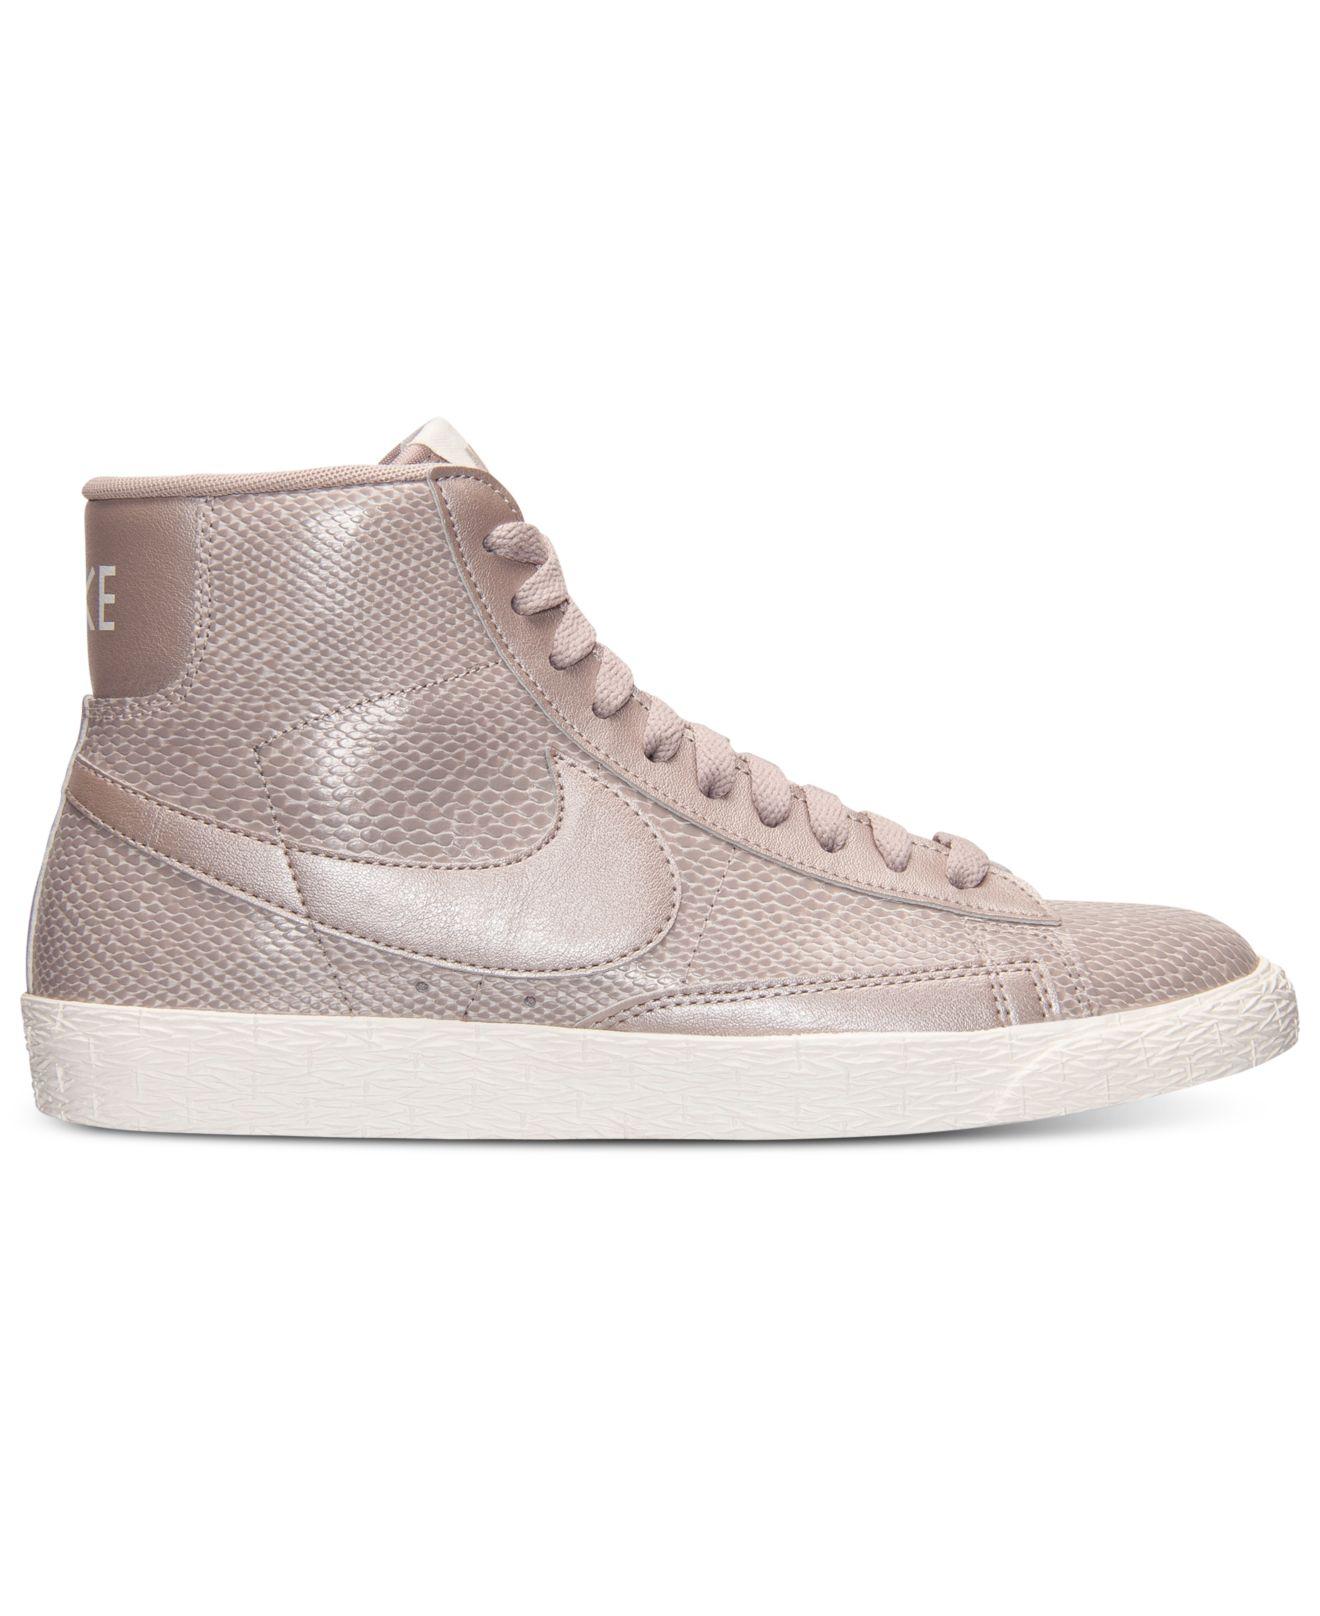 Femmes Nike Blazer Mid Premium En Cuir Chaussures De Sport Occasionnels De La Ligne Darrivée